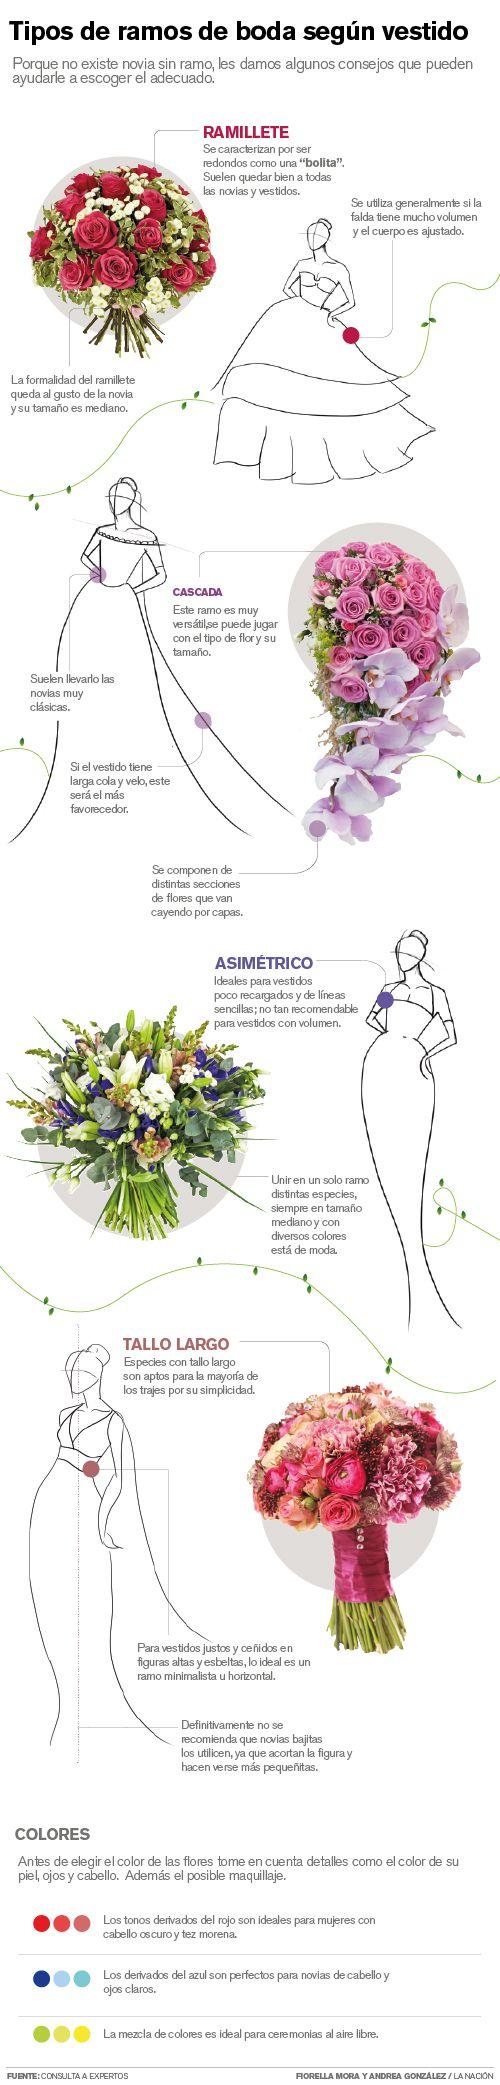 Tipos de ramos de boda según el vestido #bodas #novias #ramos #finca